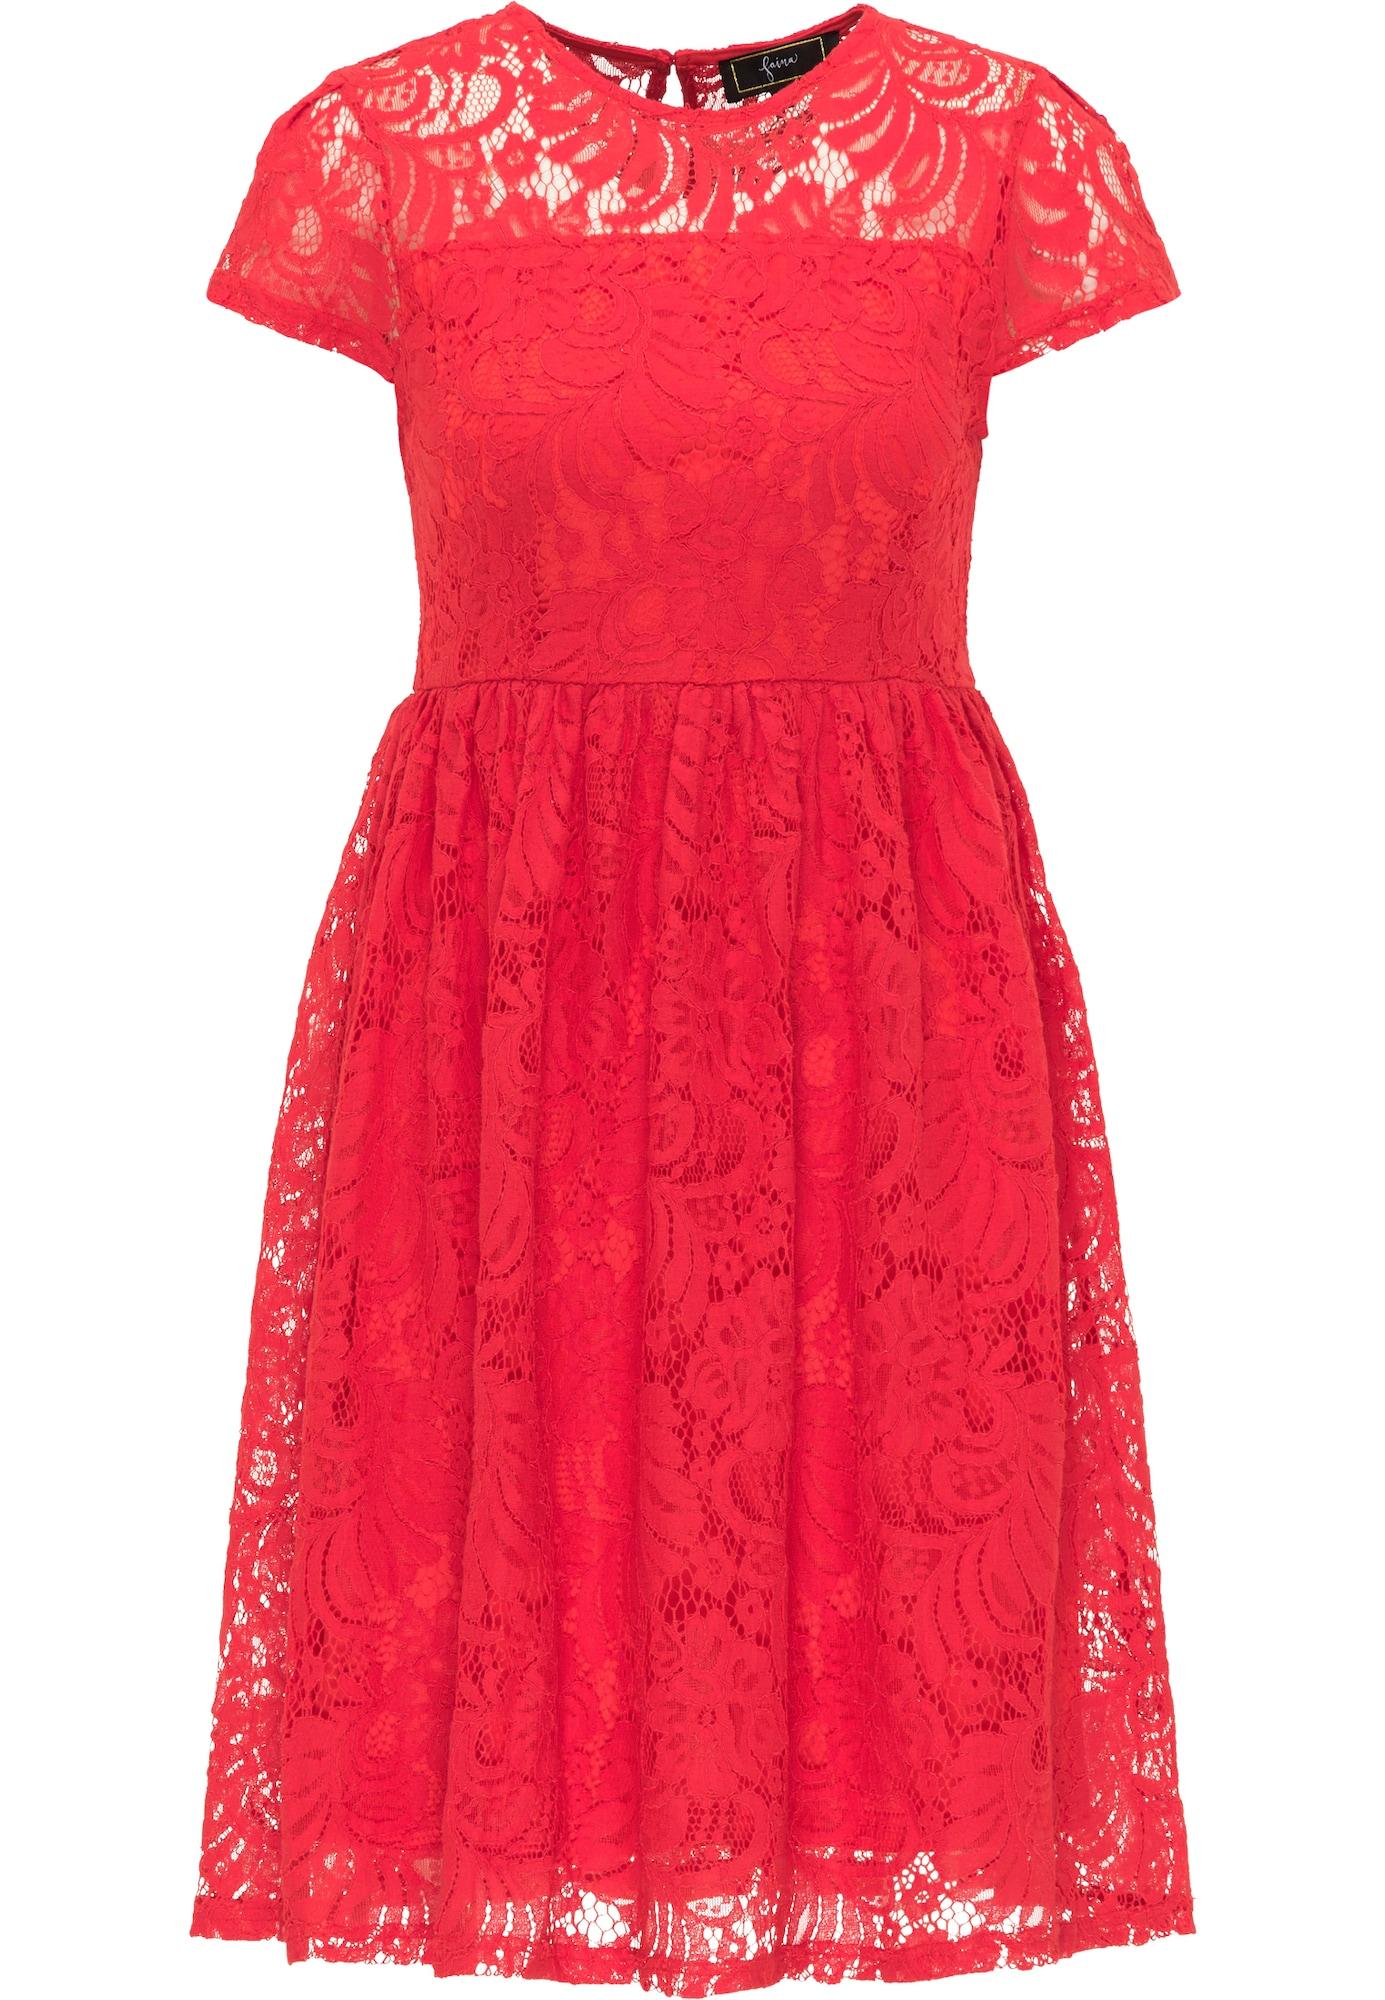 faina Kokteilinė suknelė raudona